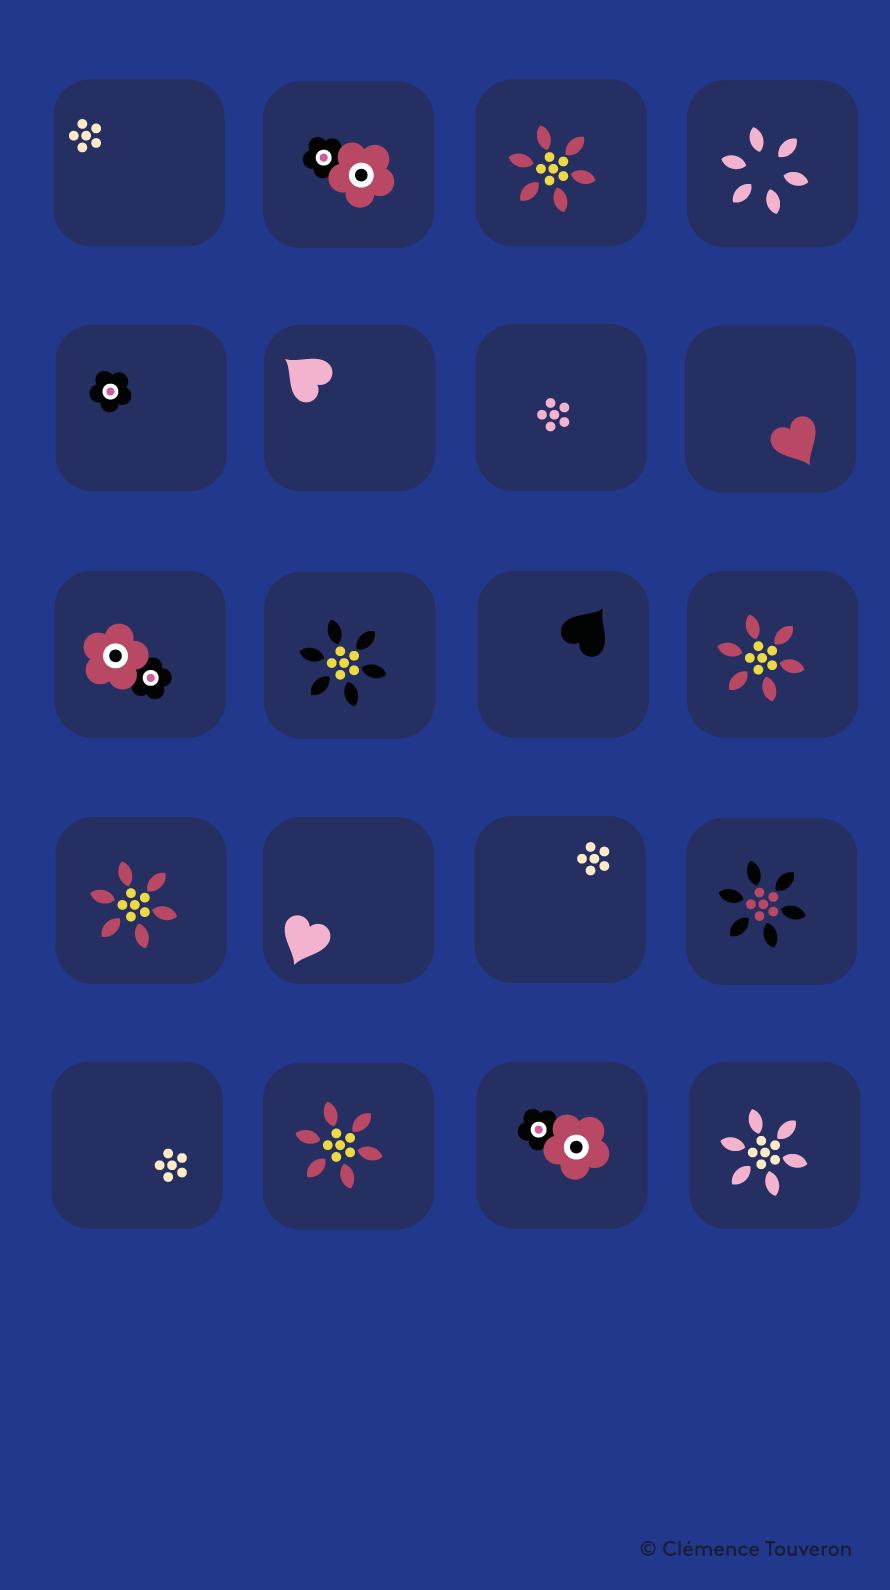 Blue Flower Pattern Iphone Home Screen Wallpaper Panpins Iphone